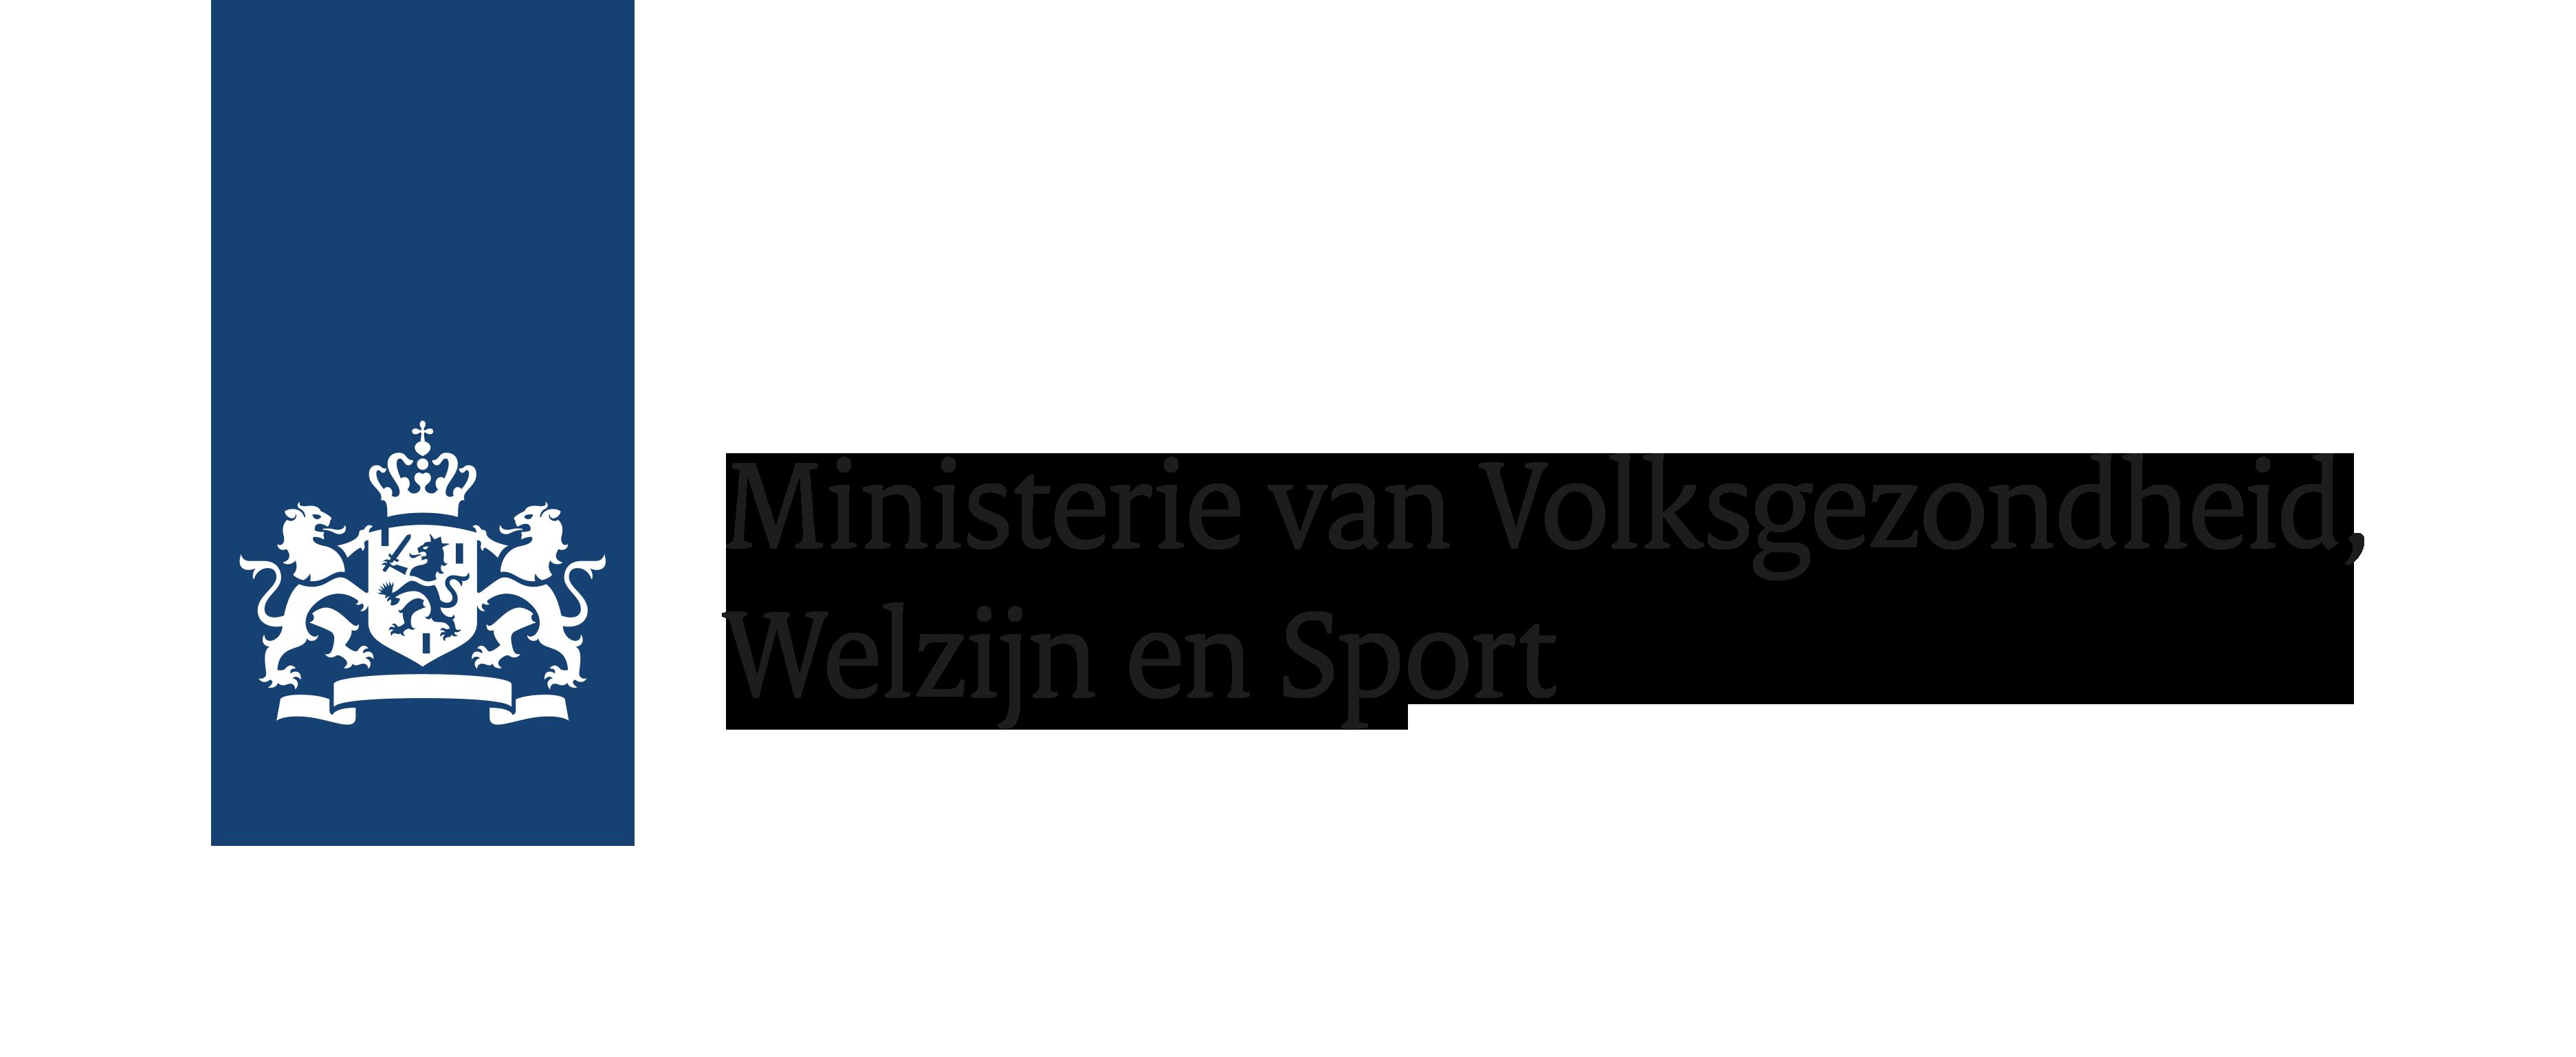 Logo Minsterie van Volksgezondheid, Welzijn en Sport